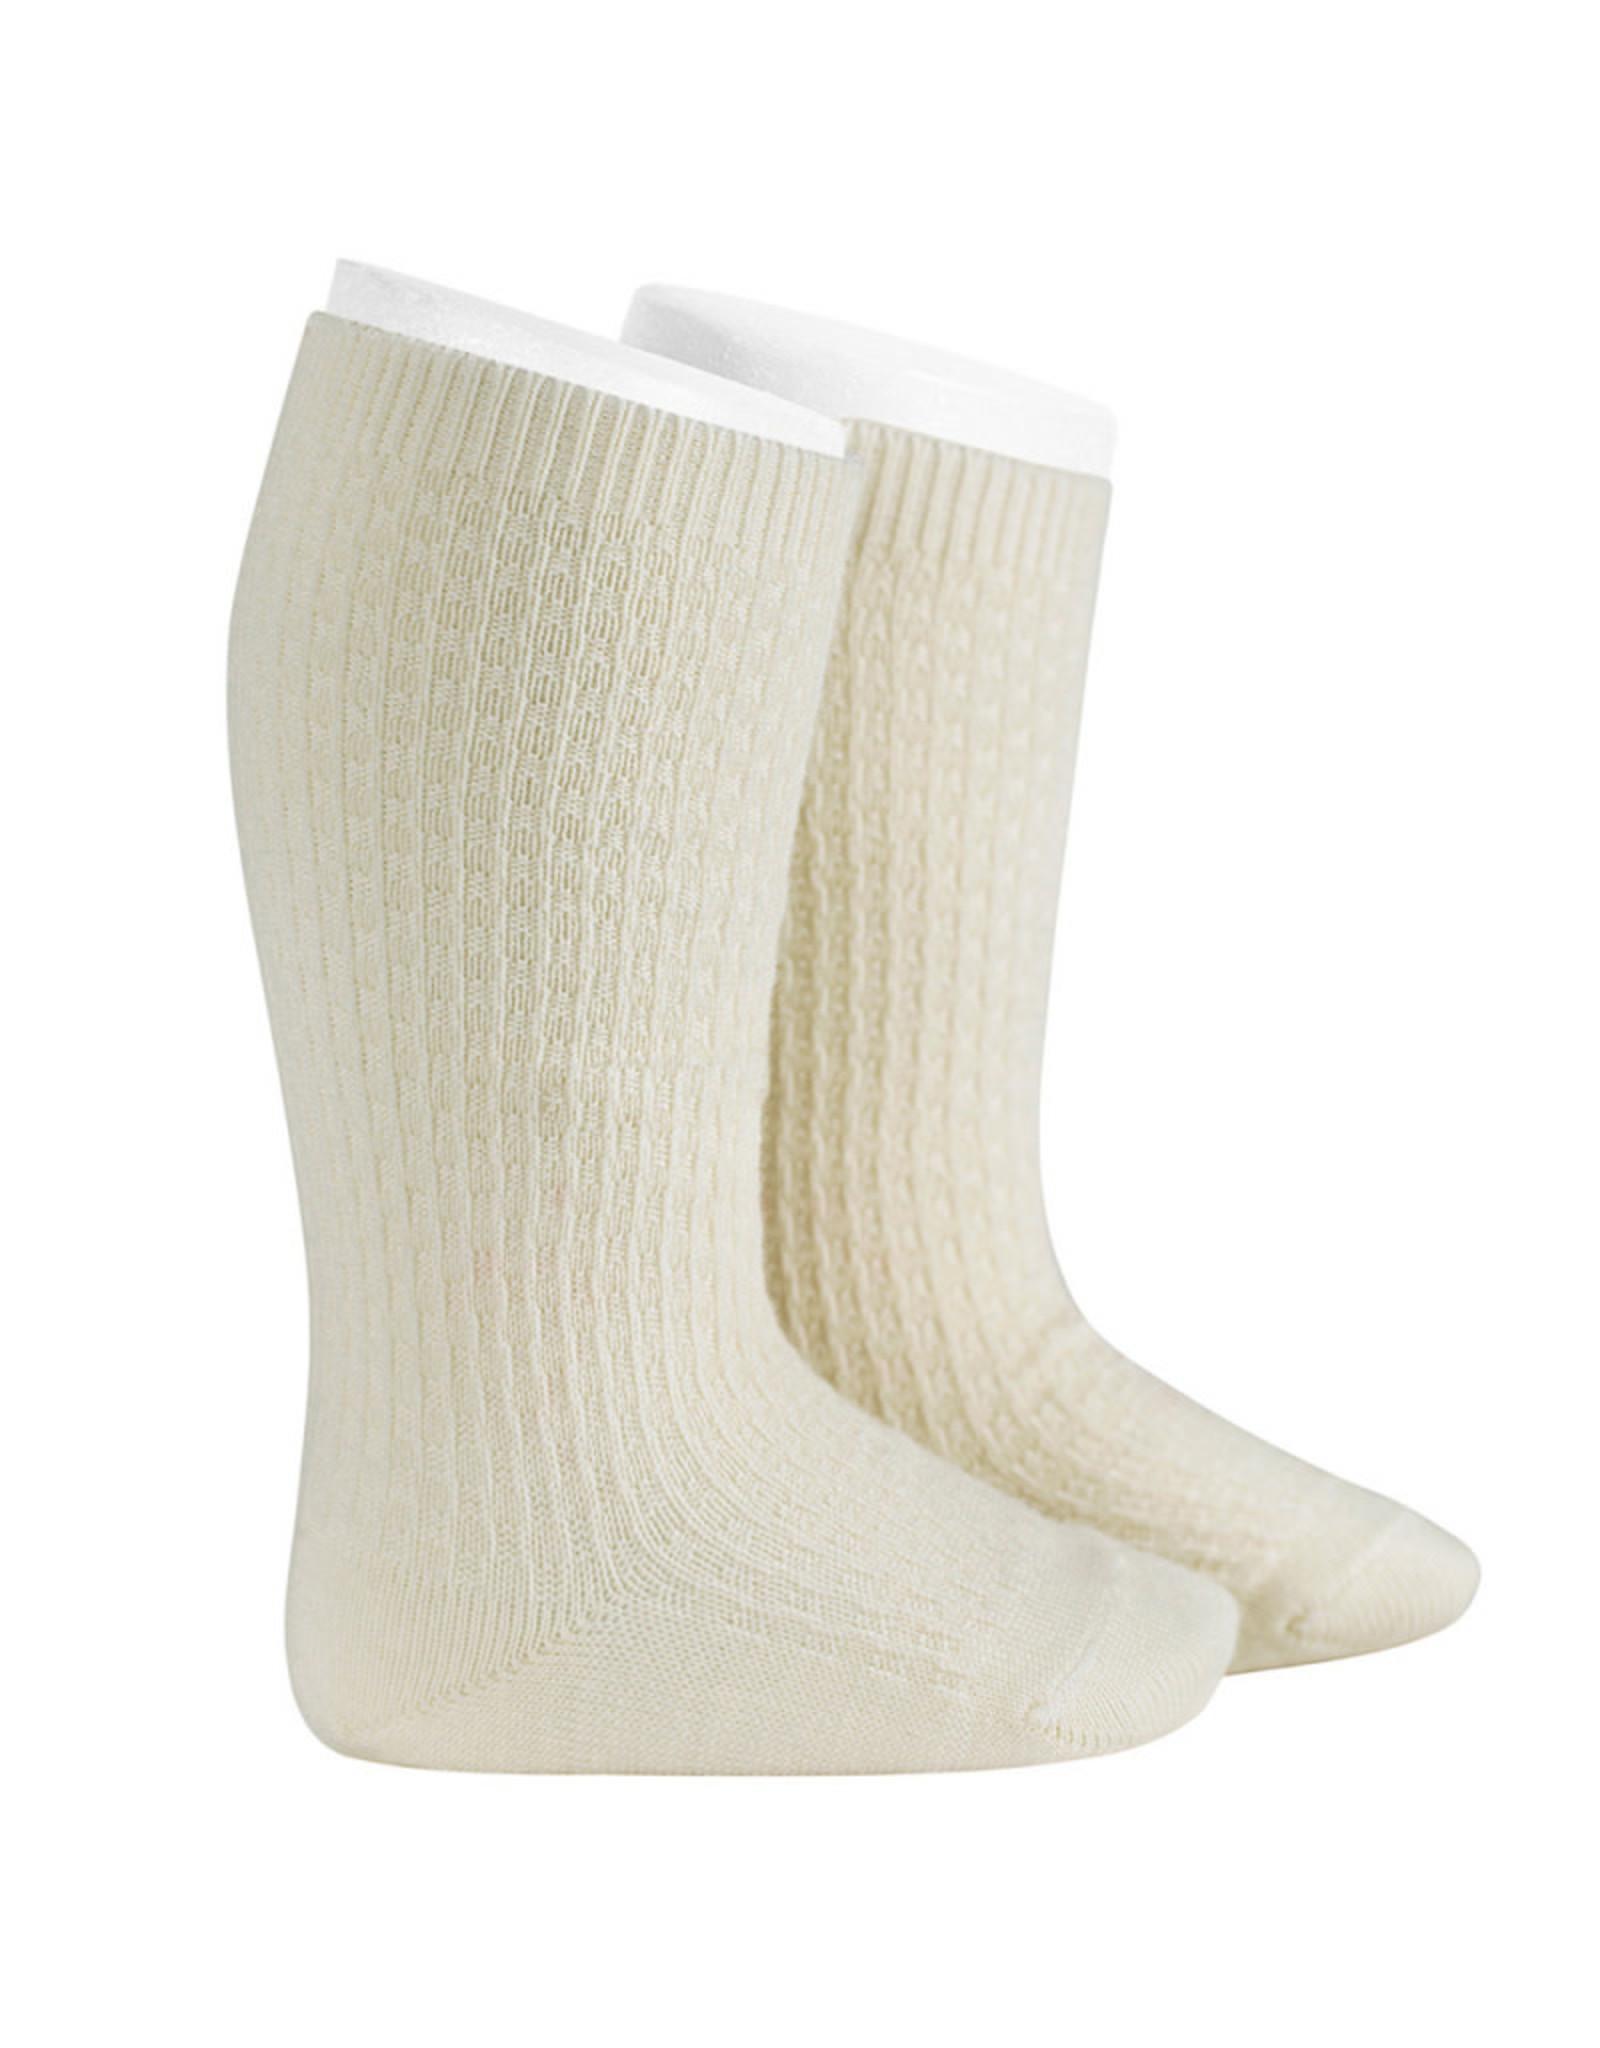 CONDOR Beige Wool Patterned Knee Socks